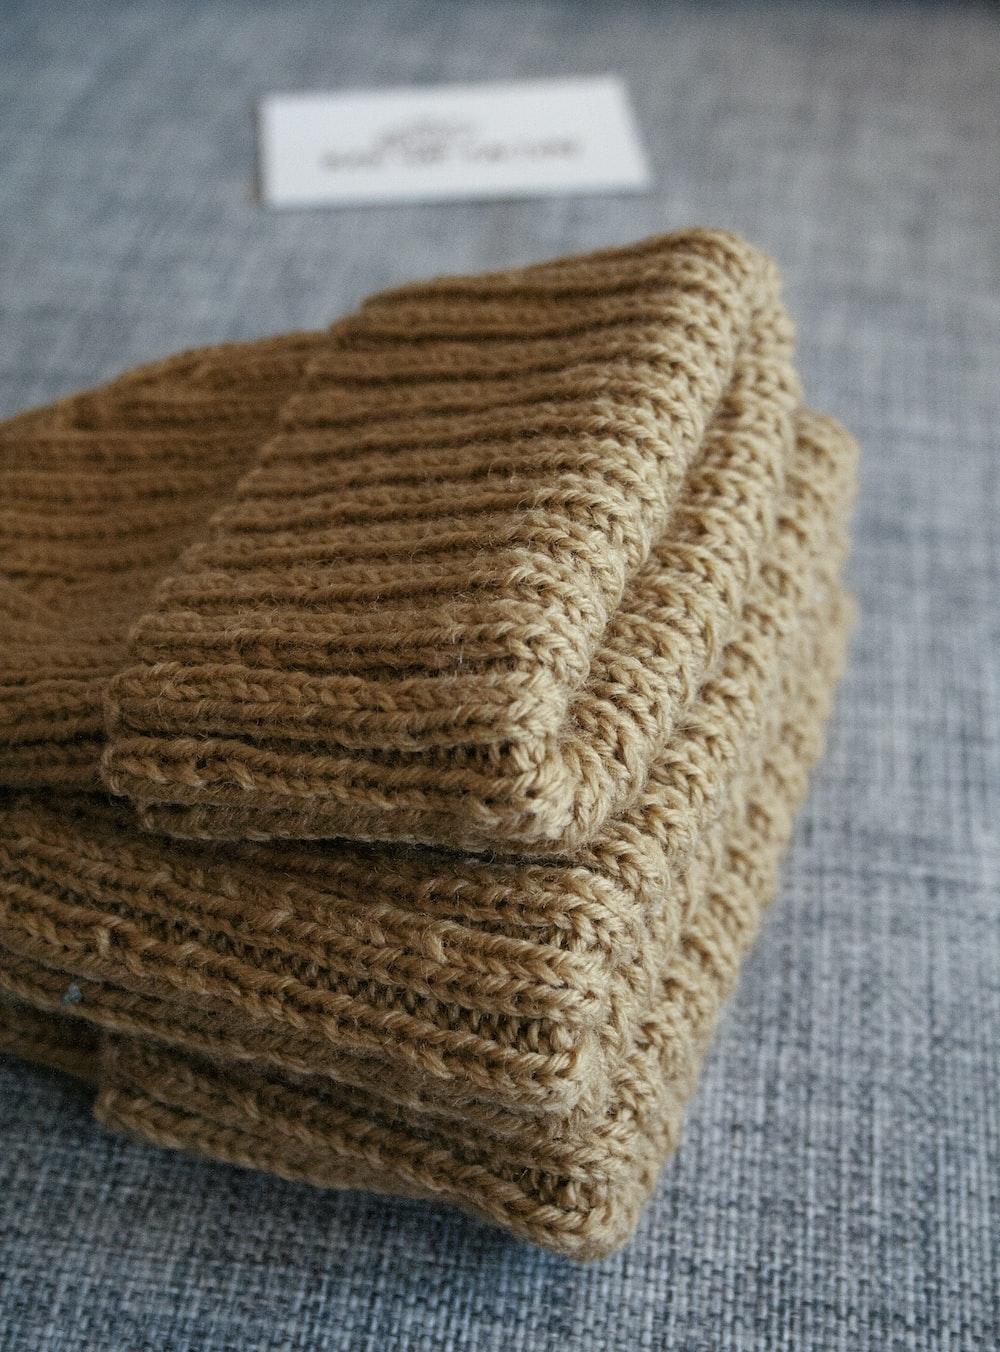 brown textile on gray textile